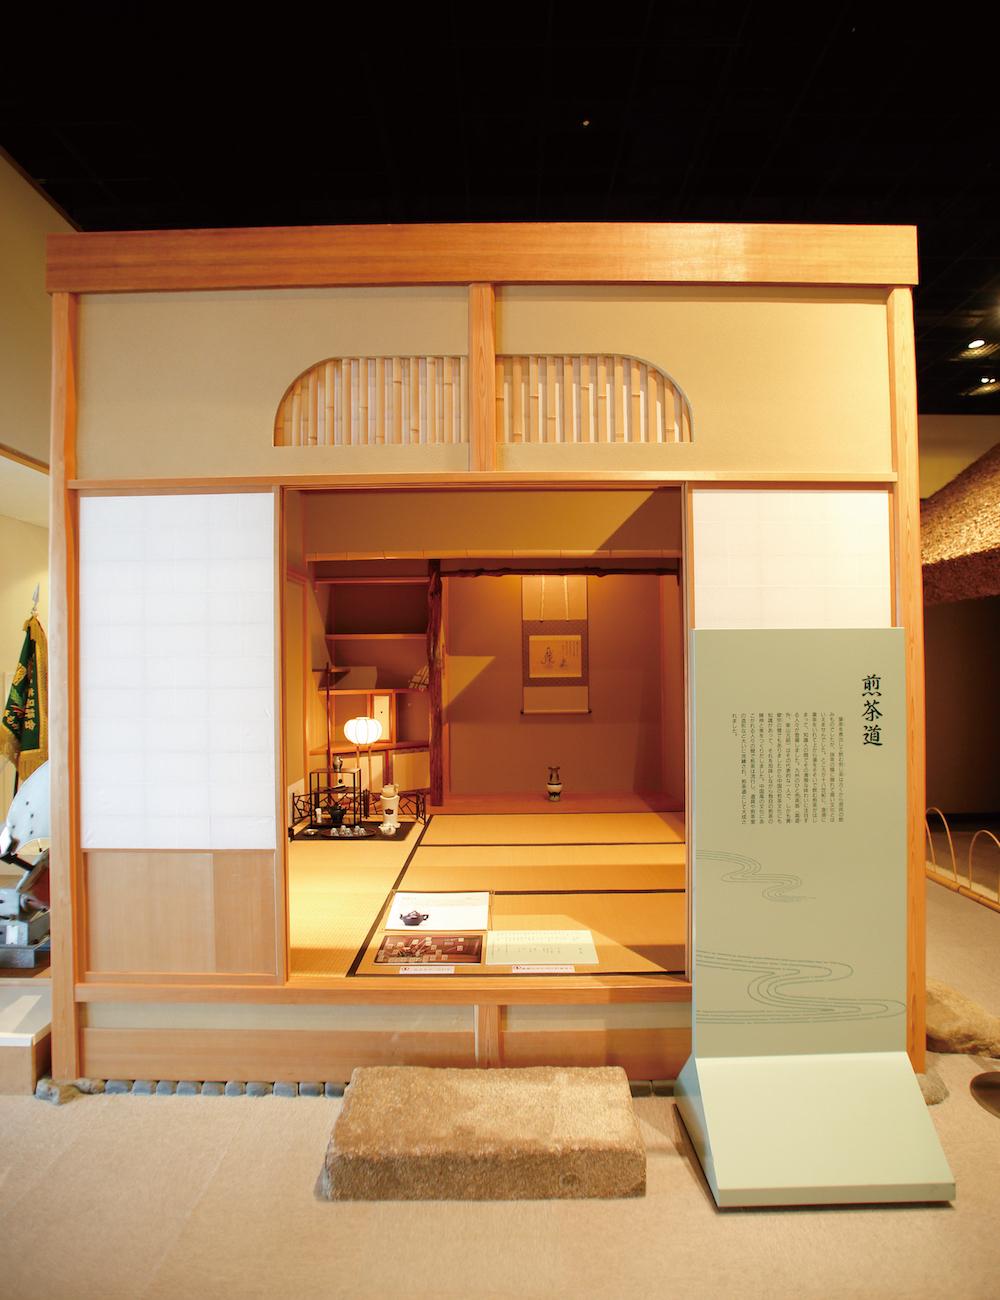 มีการจัดแสดงงานออกแบบห้องชงชาเซ็นฉะและอุปกรณ์สำหรับชงชาเซ็นฉะ บ่งบอกให้รู้ว่าพิธีชงชาเขียวเซ็นฉะนั้นมีวิวัฒนาการมาอย่างไรจนถึงปัจจุบัน